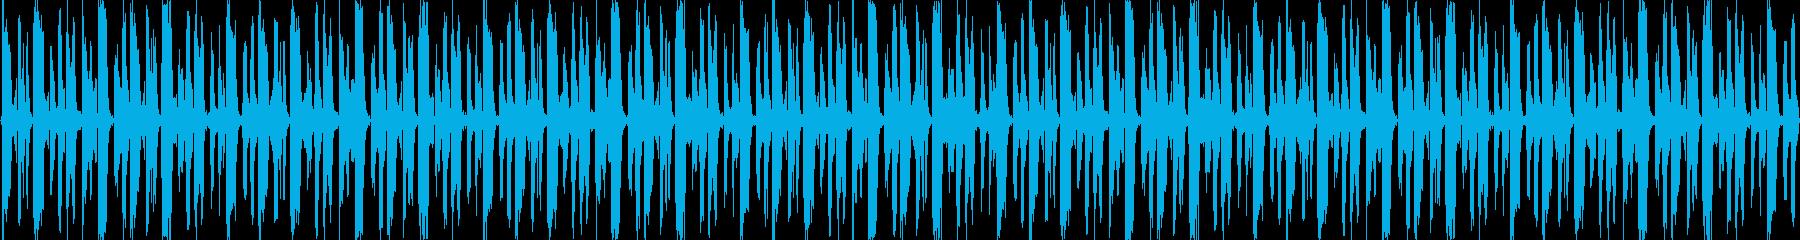 奇妙で軽快なEDMLOOPの再生済みの波形